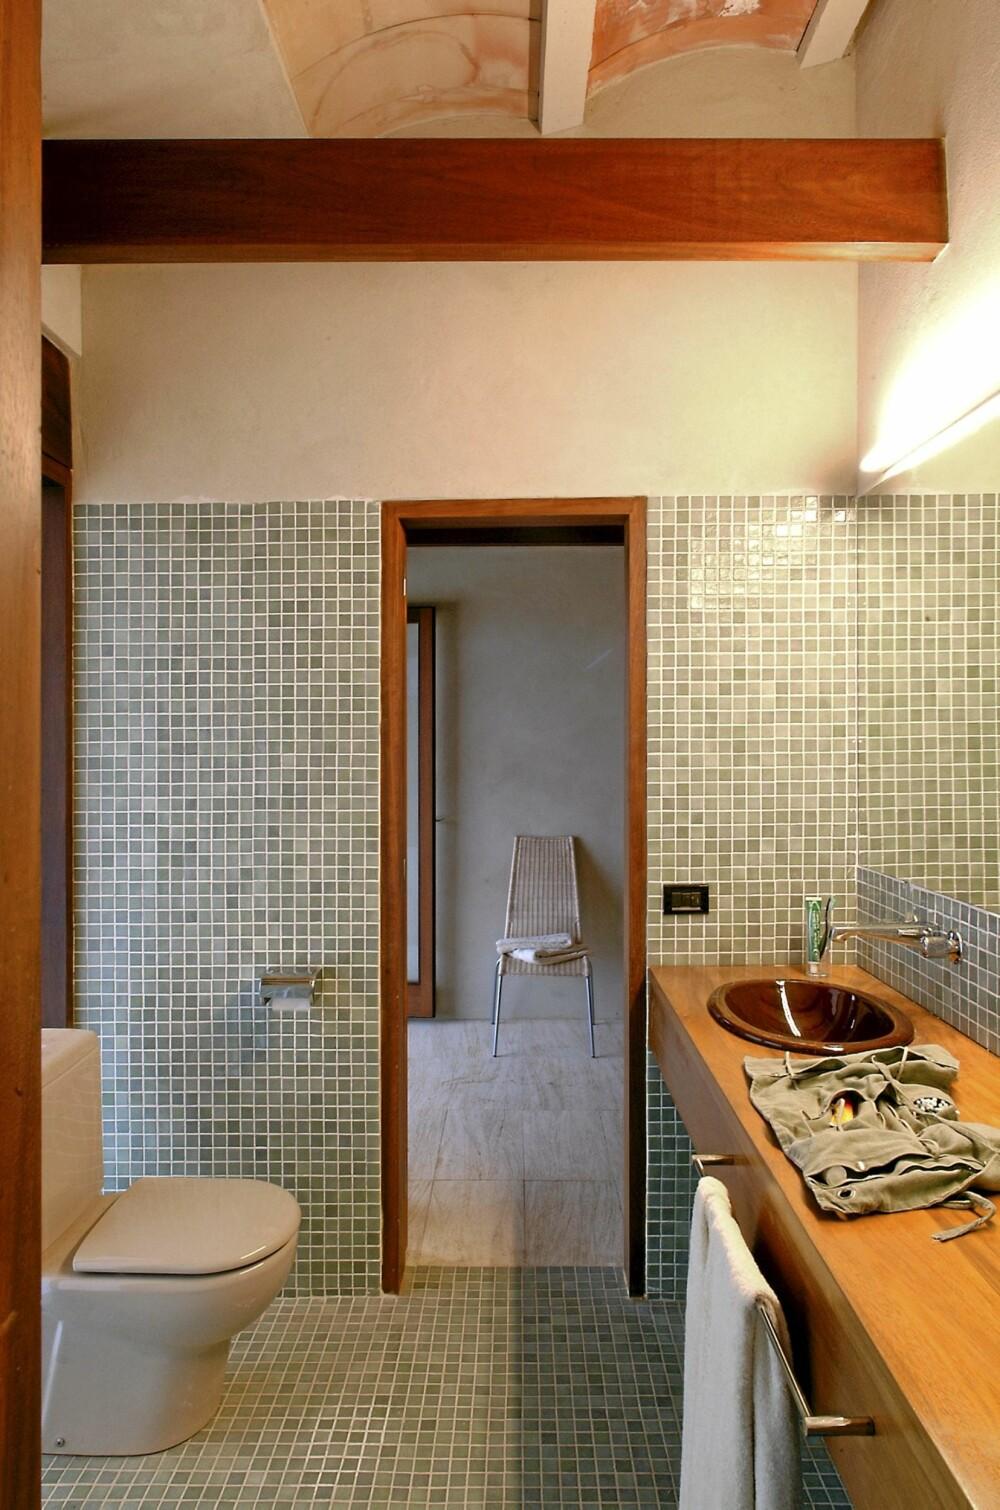 HARMONI: Ogås badet preges av den enkle og rene designstilen. Det gir miljøer som stimulerer til ro og ettertanke.